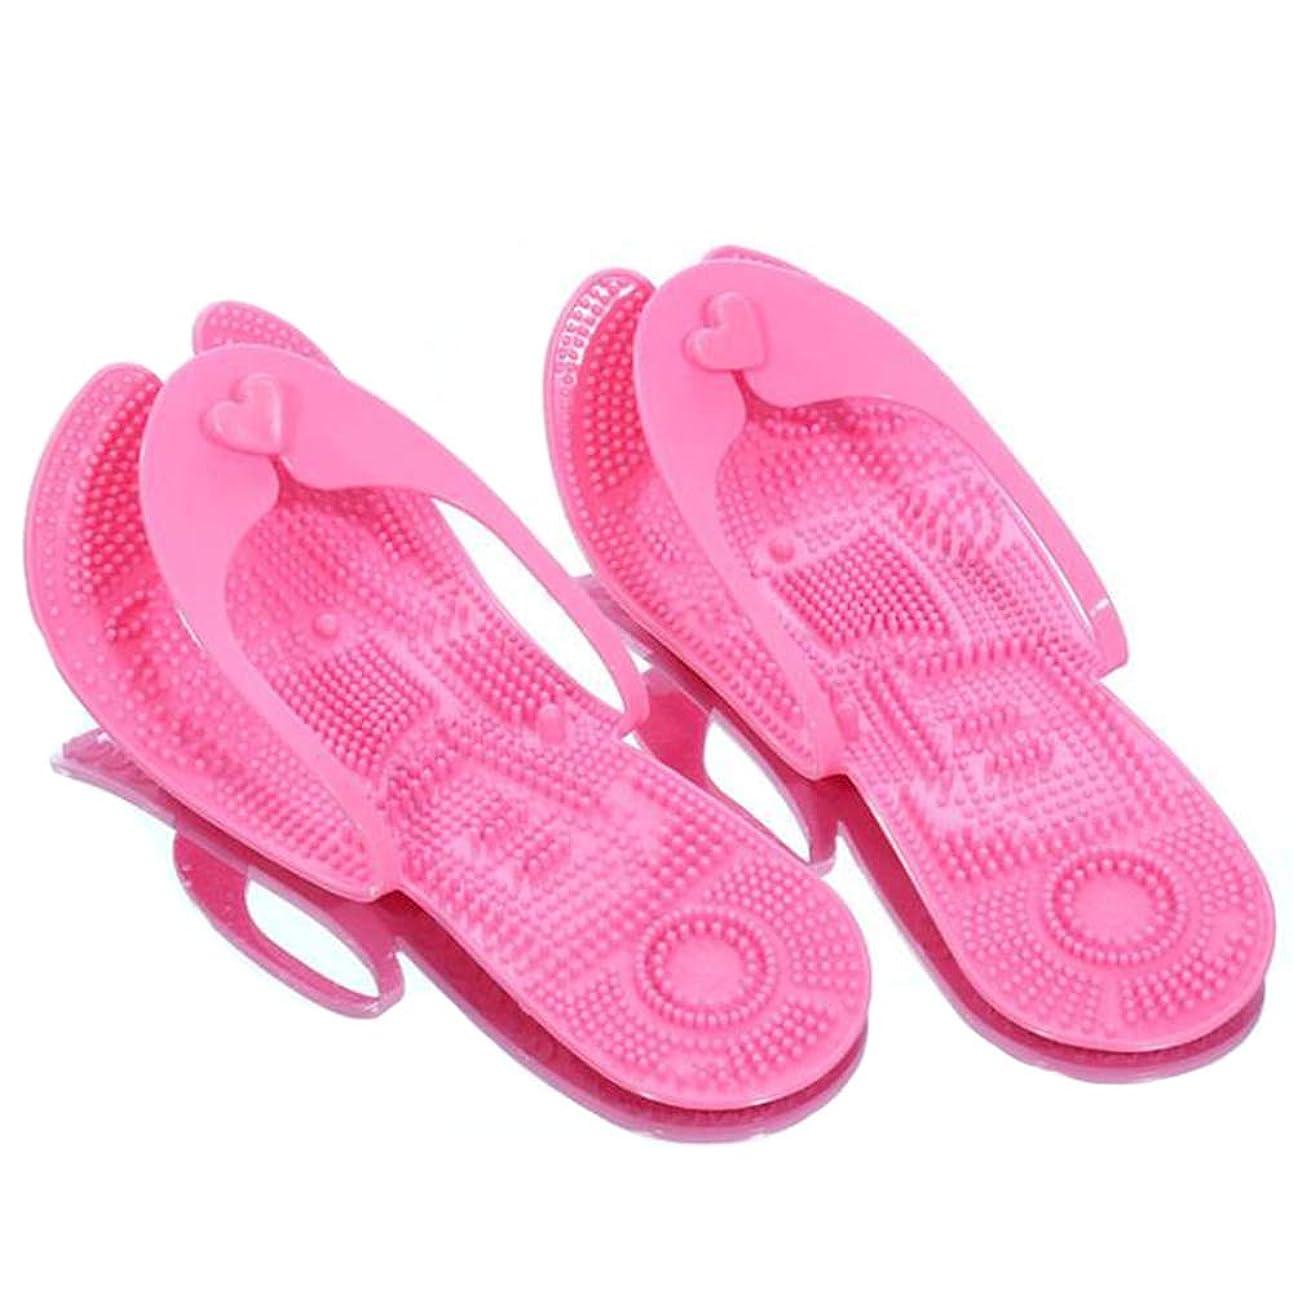 スキームこねる蚊滑り止めプールスリッパ、男女兼用の折りたたみ式フリップフロップ、ポータブルビーチサンダル、ホームフリップフロップ、フットマッサージのバスルームスリッパ、持ち運びが簡単,Pink,L